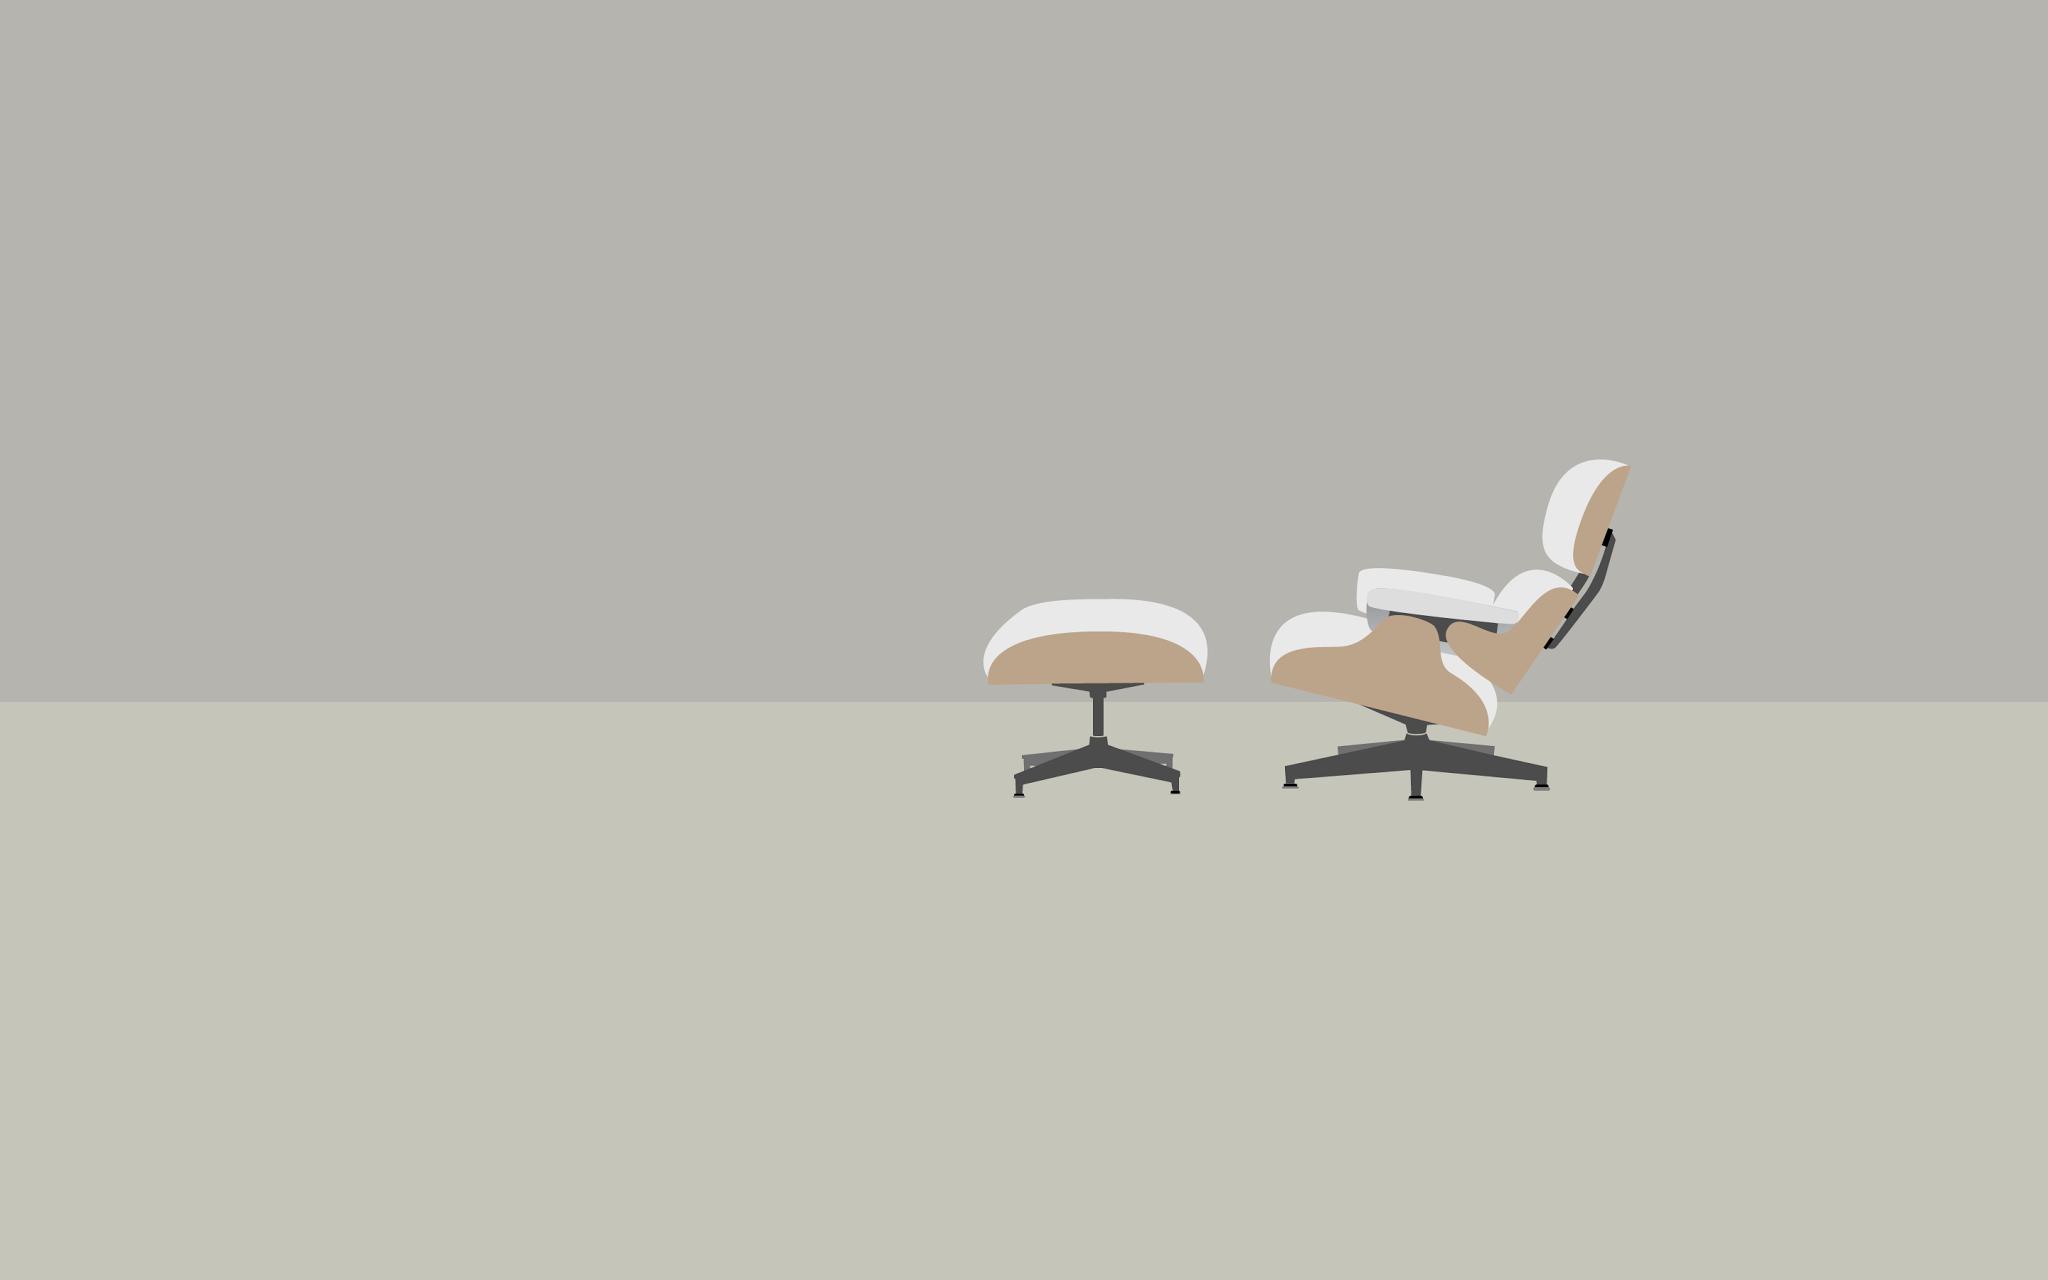 Eames lounge chair vector wallpaper by aarne huttunen